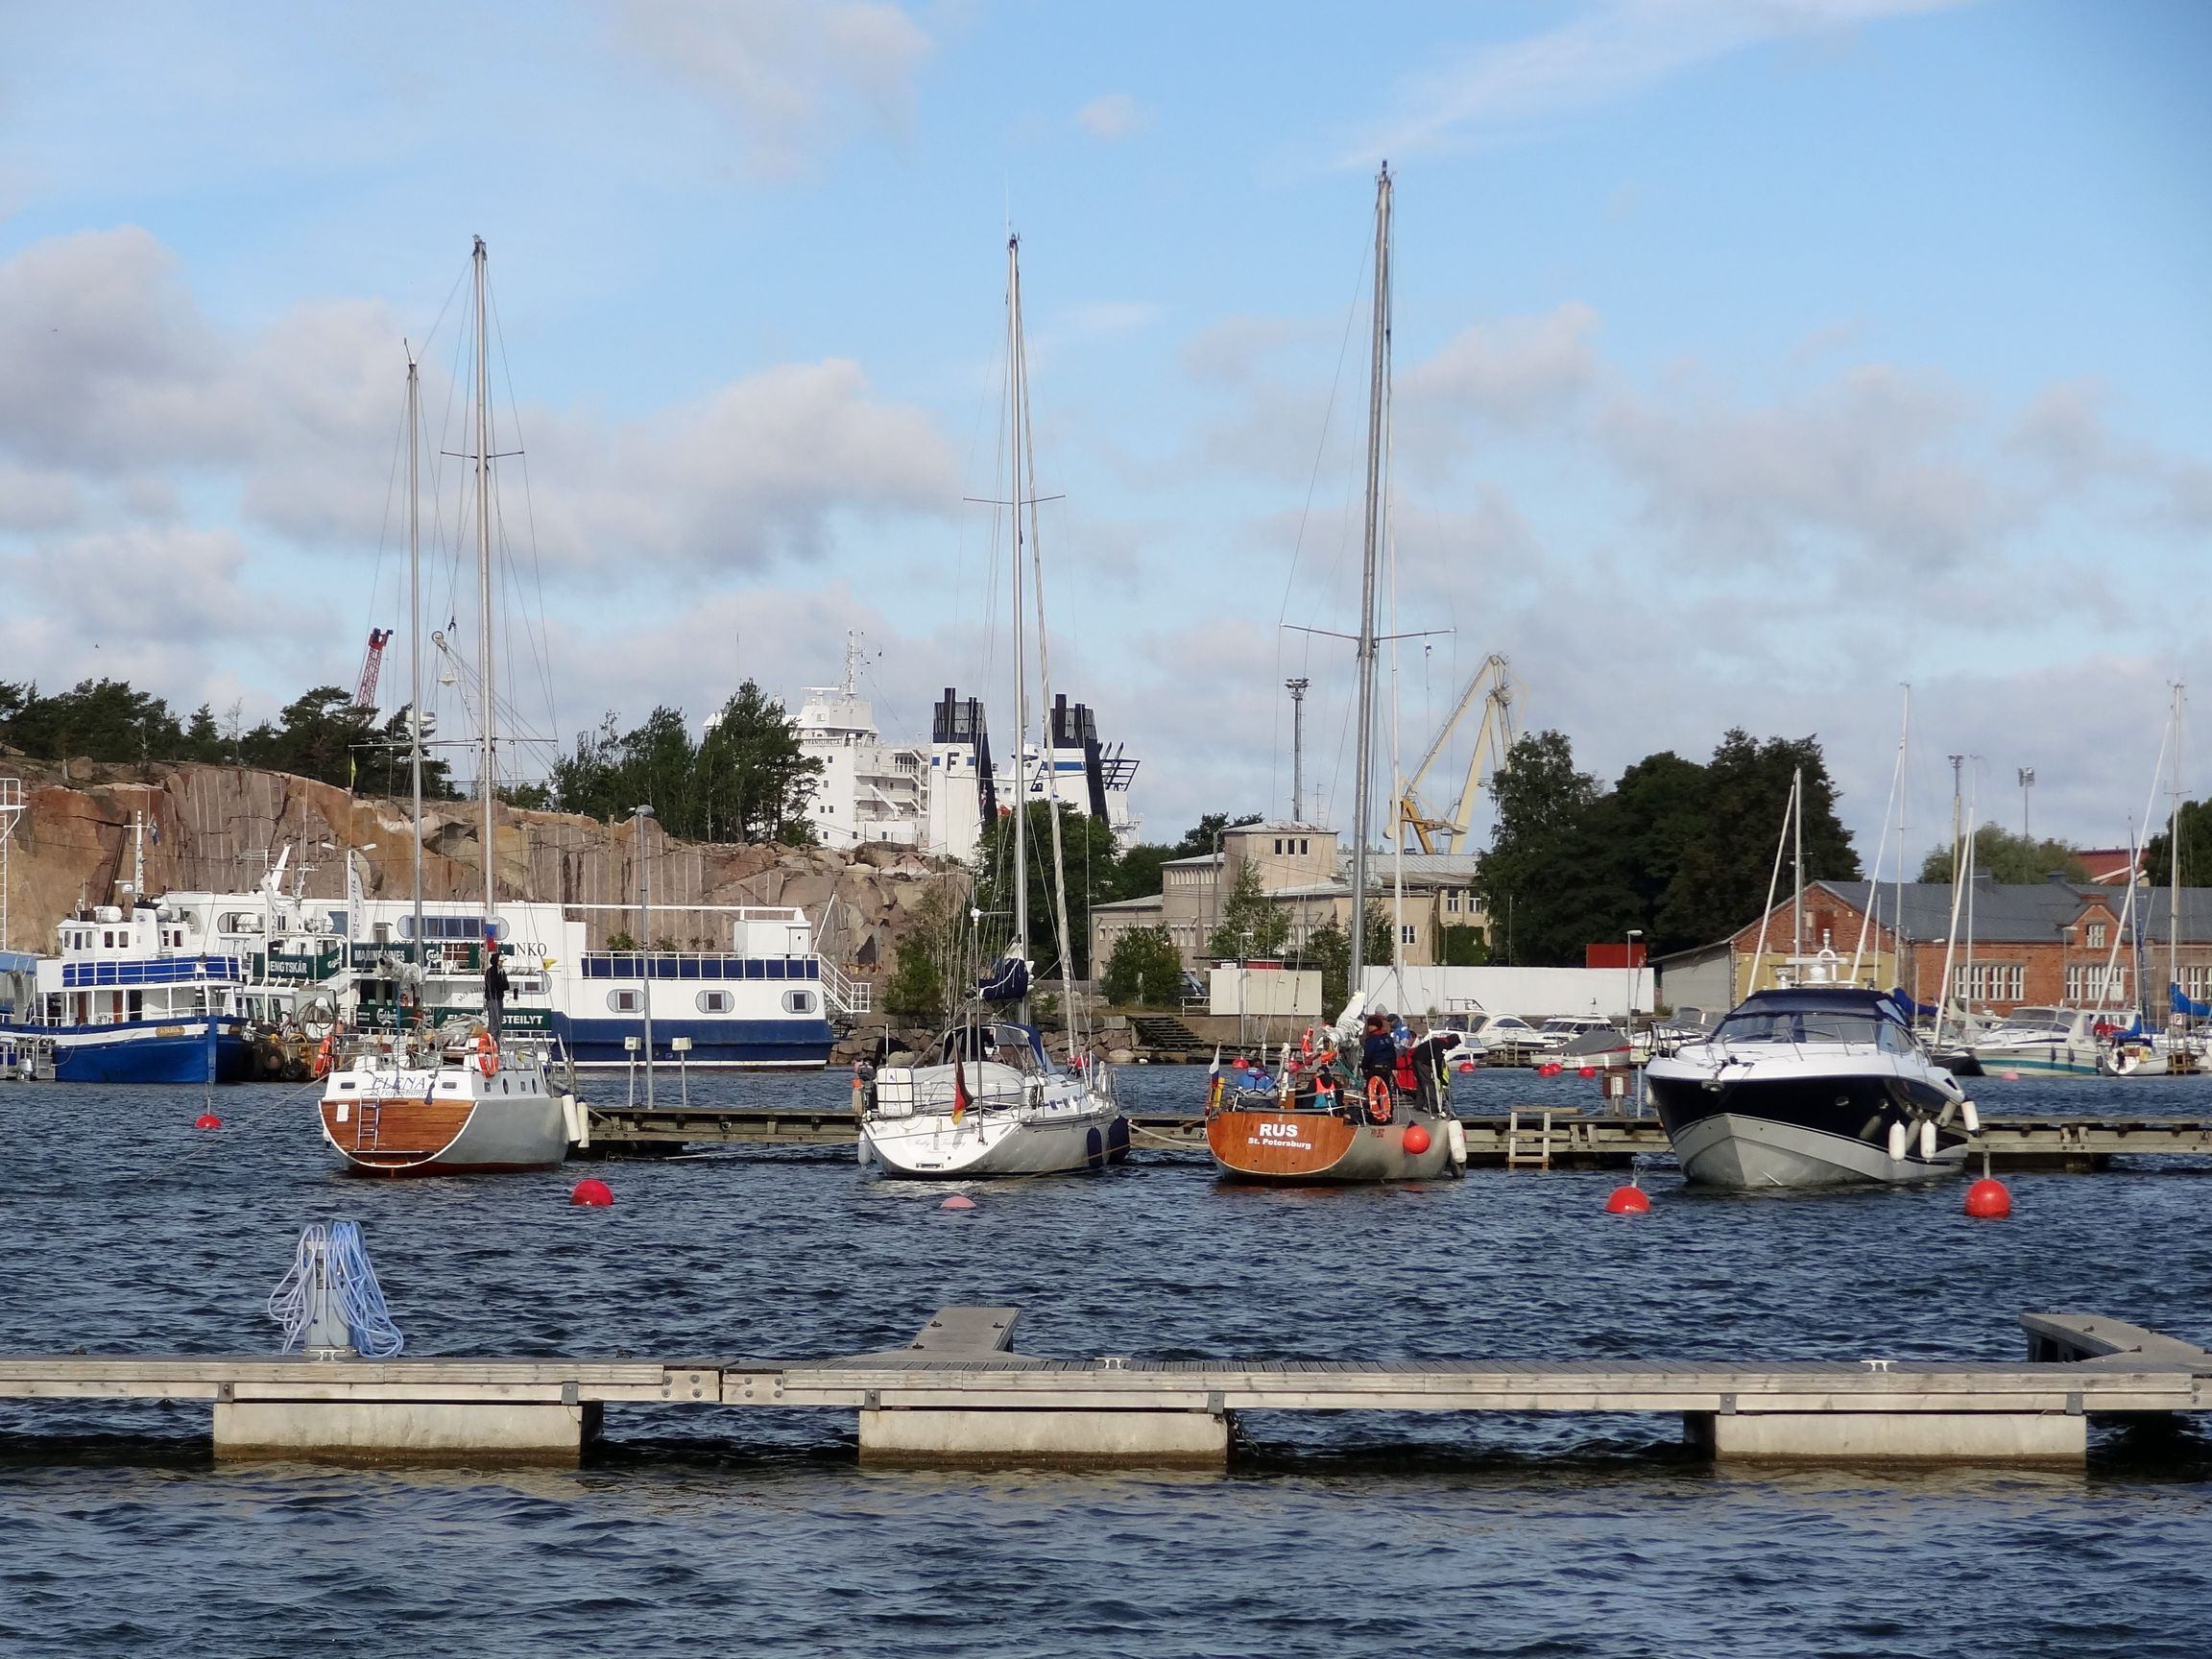 Leerer Hafen in Hanko